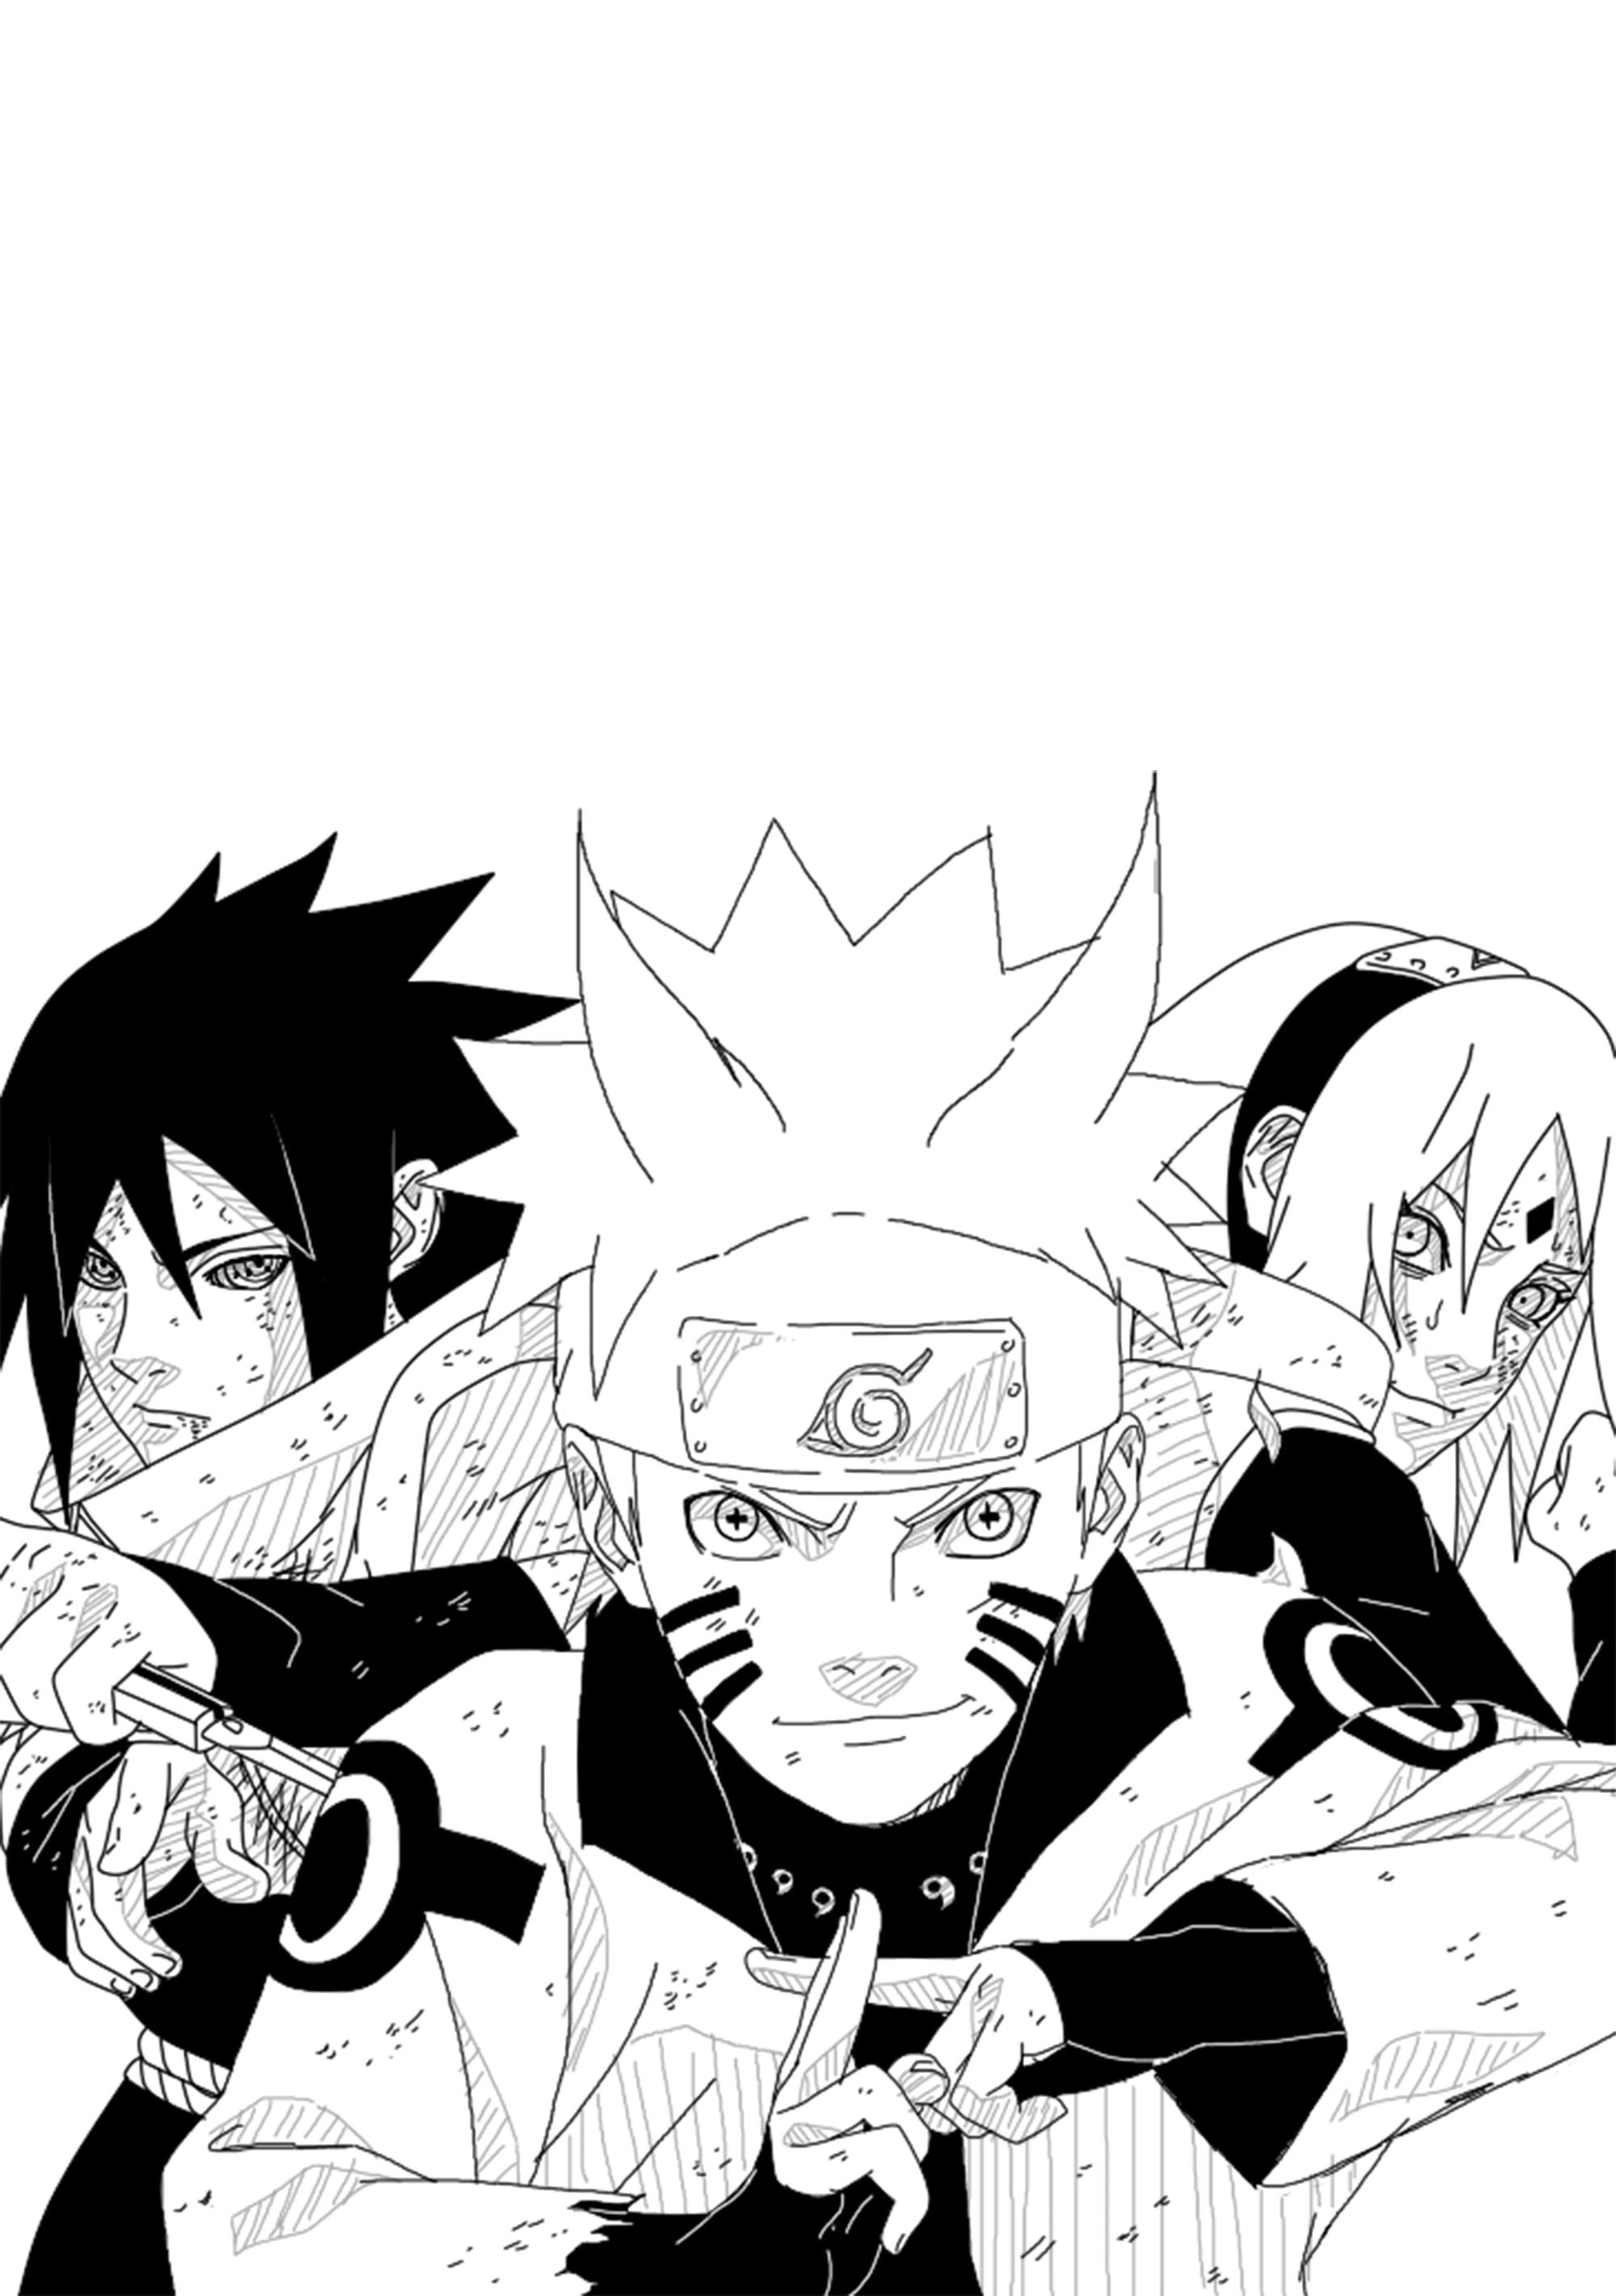 Naruto Manga Wallpaper Iphone 2000x2841 Wallpaper Teahub Io